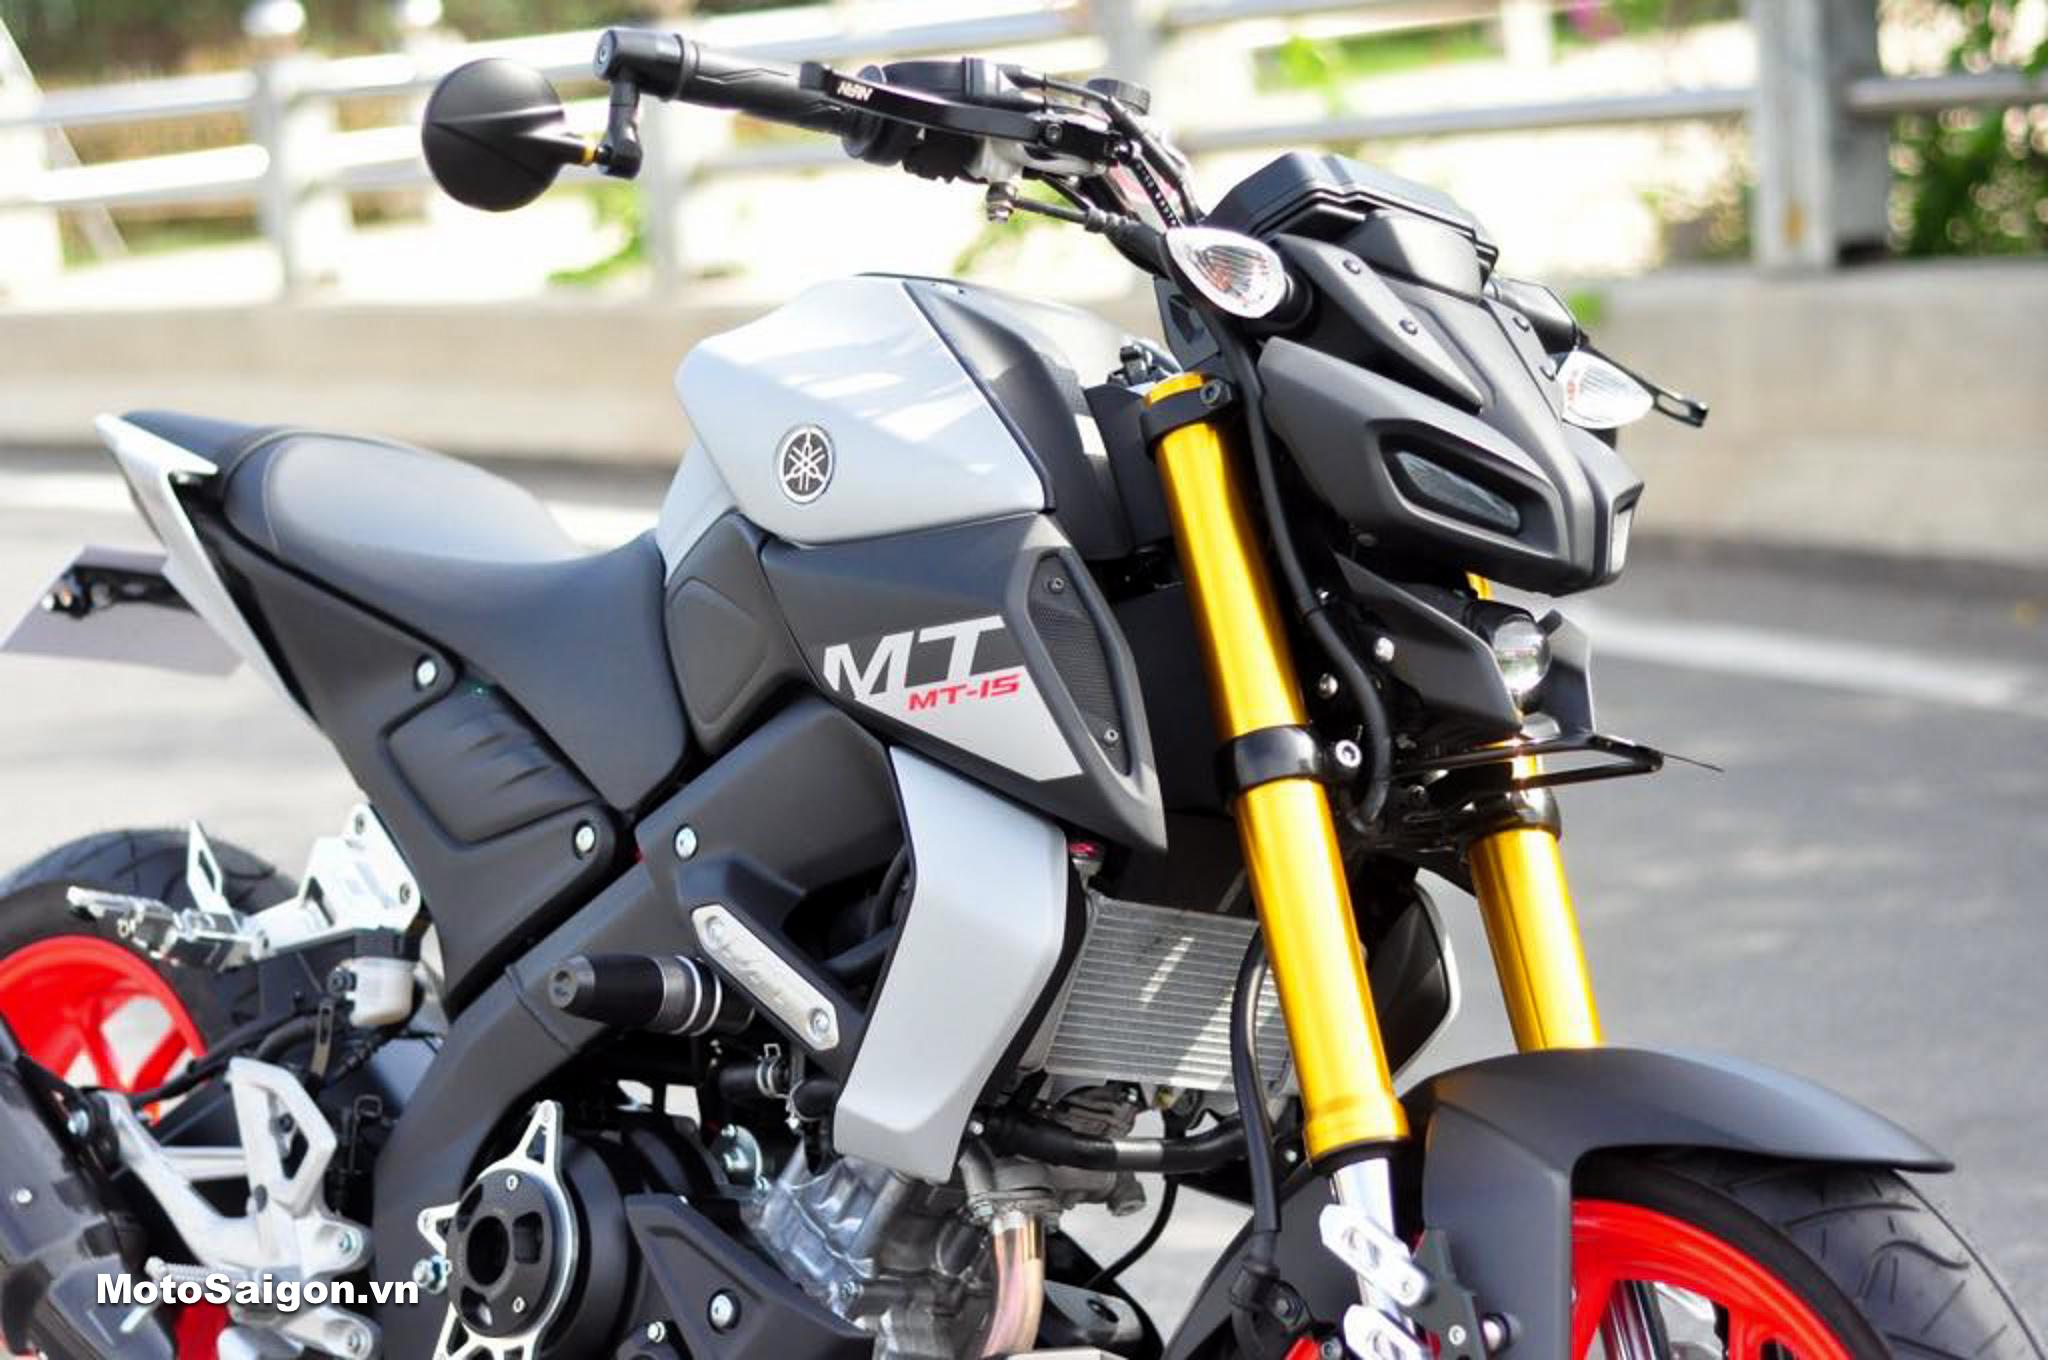 yamaha mt 15 2019 do dep gia re motosaigon 4